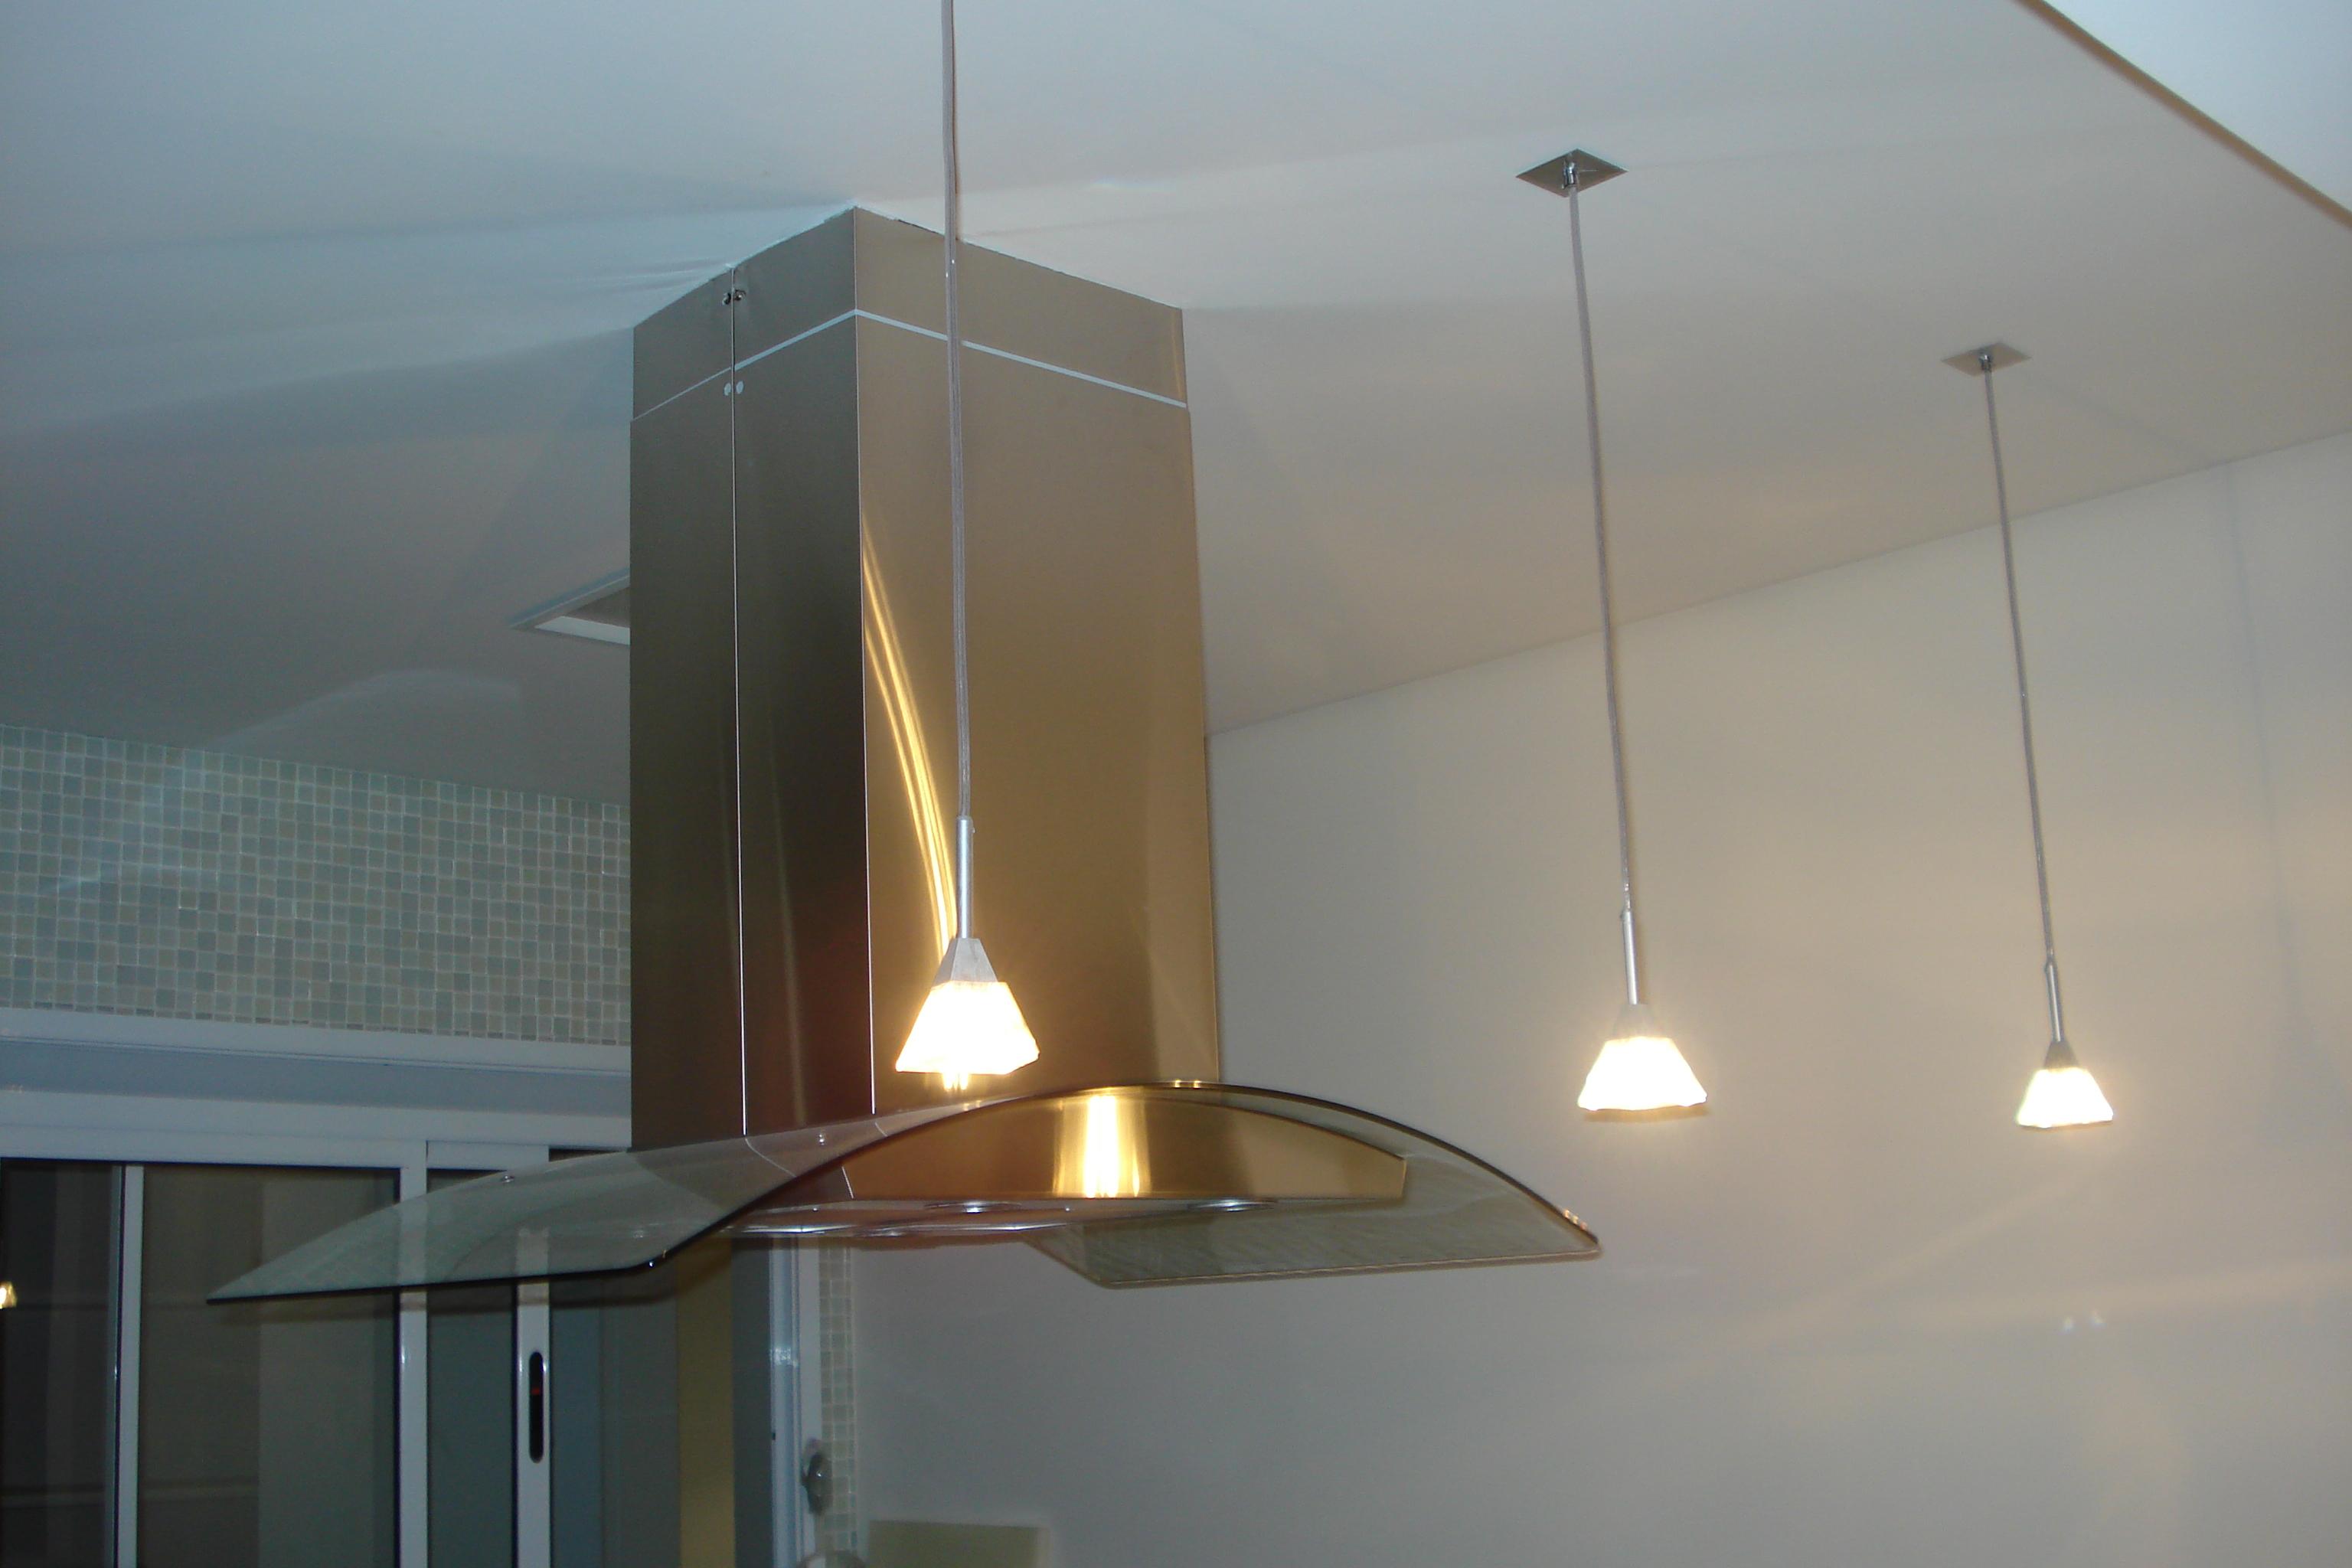 06 - Forro Tabicado + Iluminação